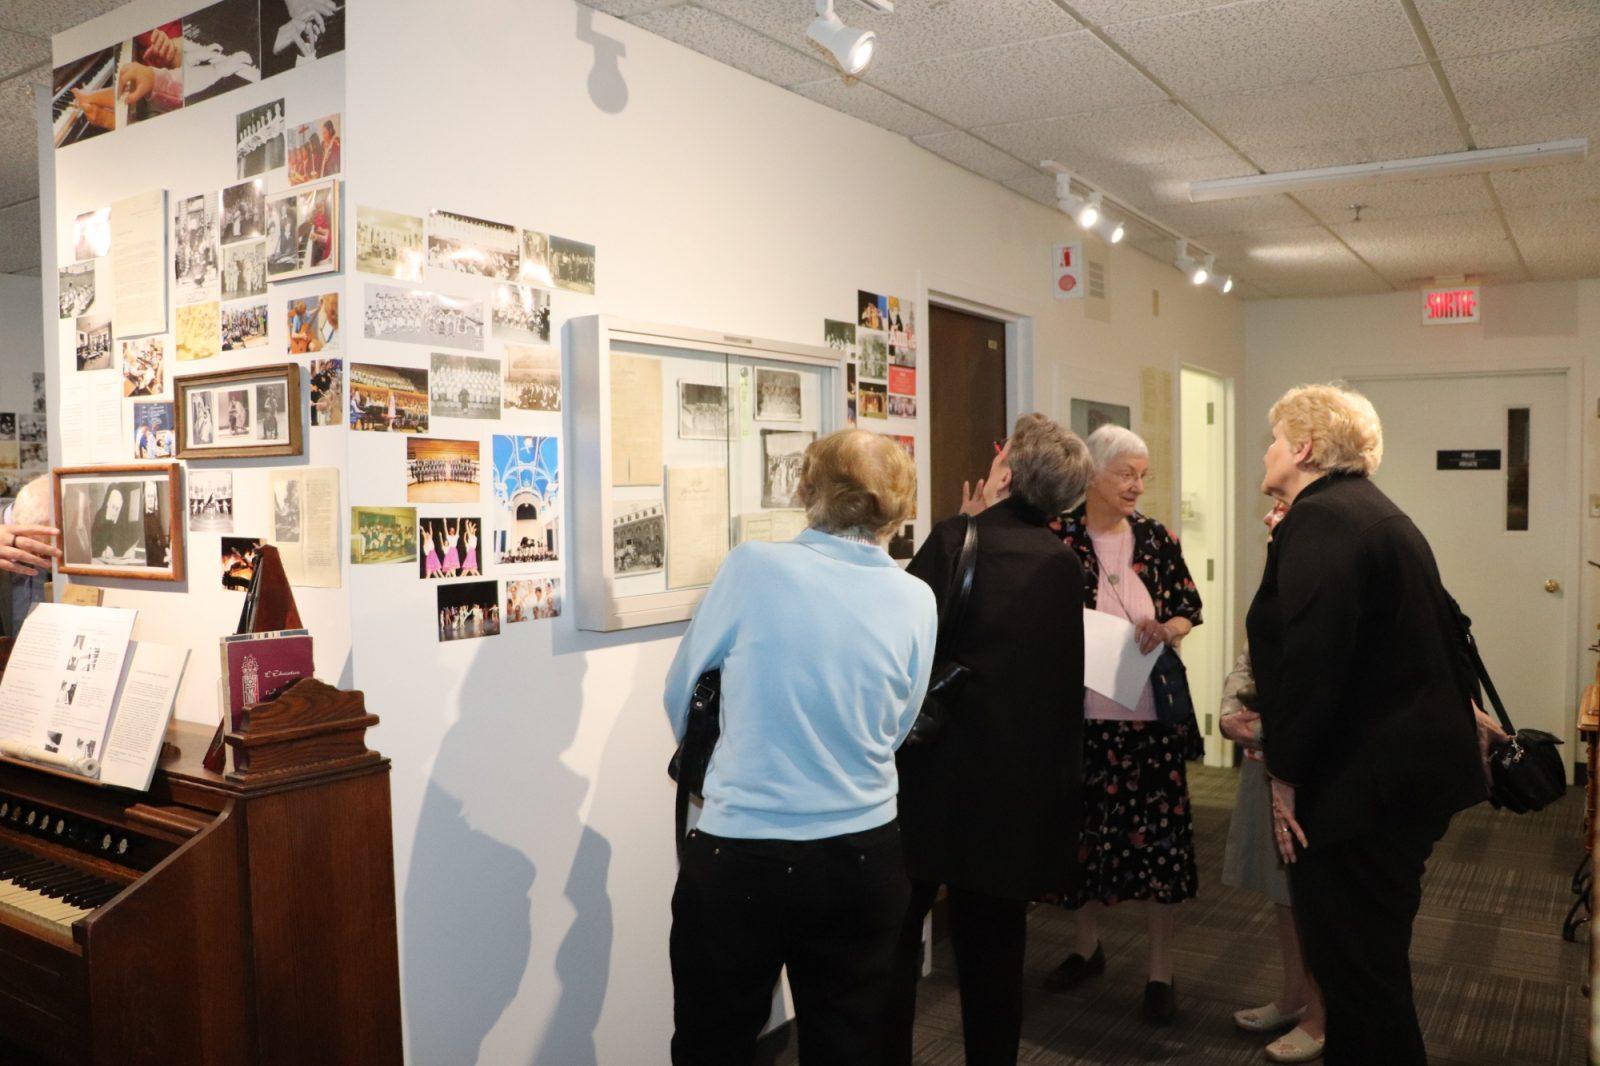 Mois de l'archéologie : portes ouvertes, atelier de glaçure et exposition